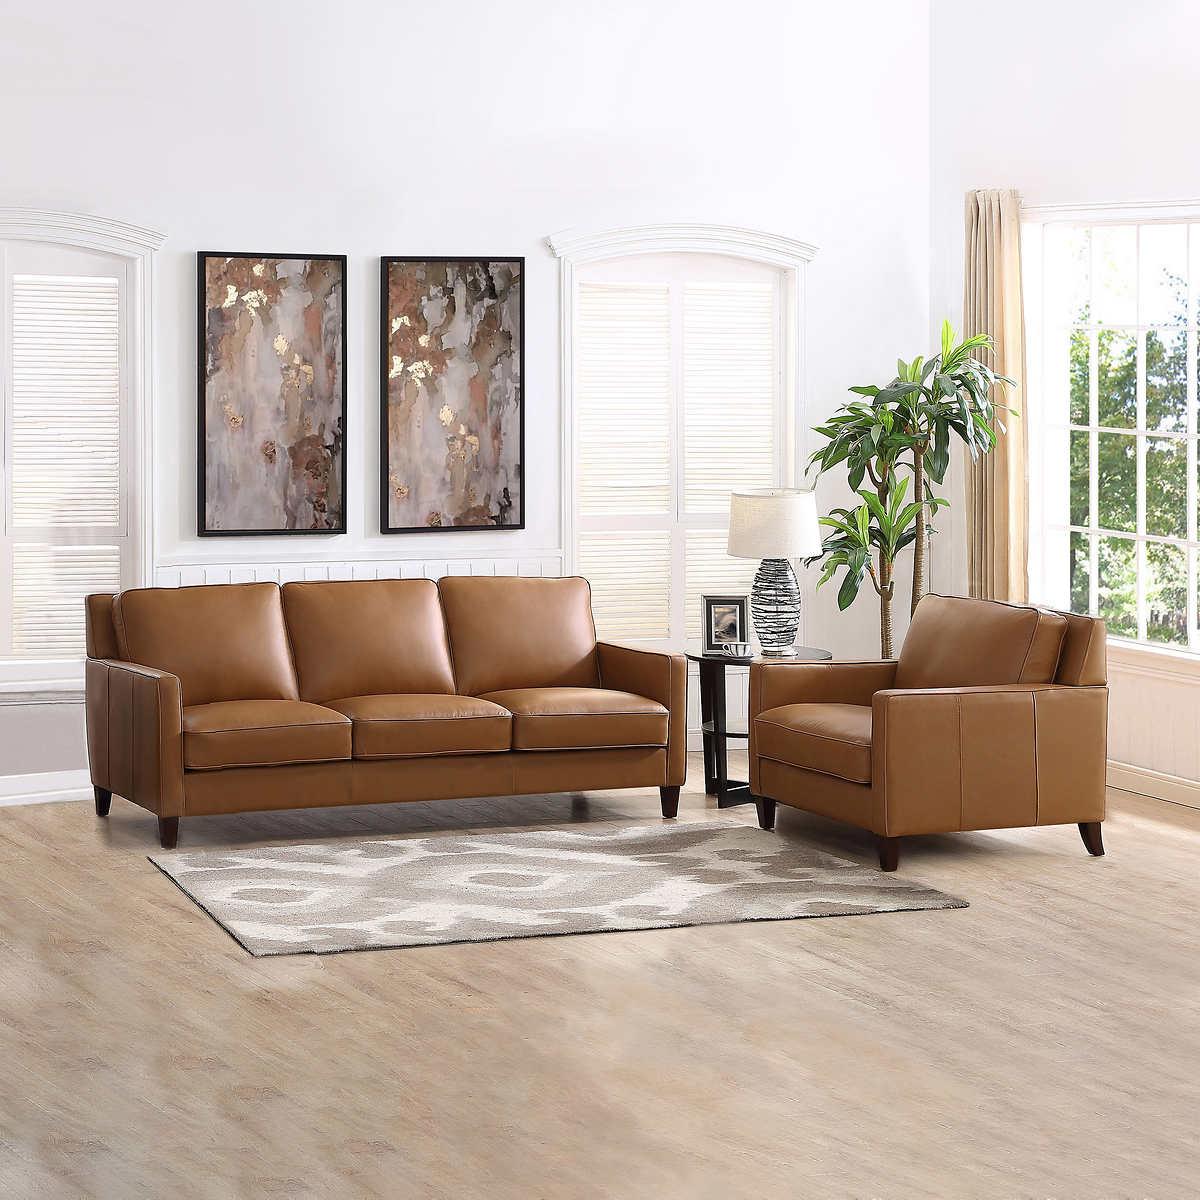 West Park 2-piece Top Grain Leather Set - Sofa, Loveseat